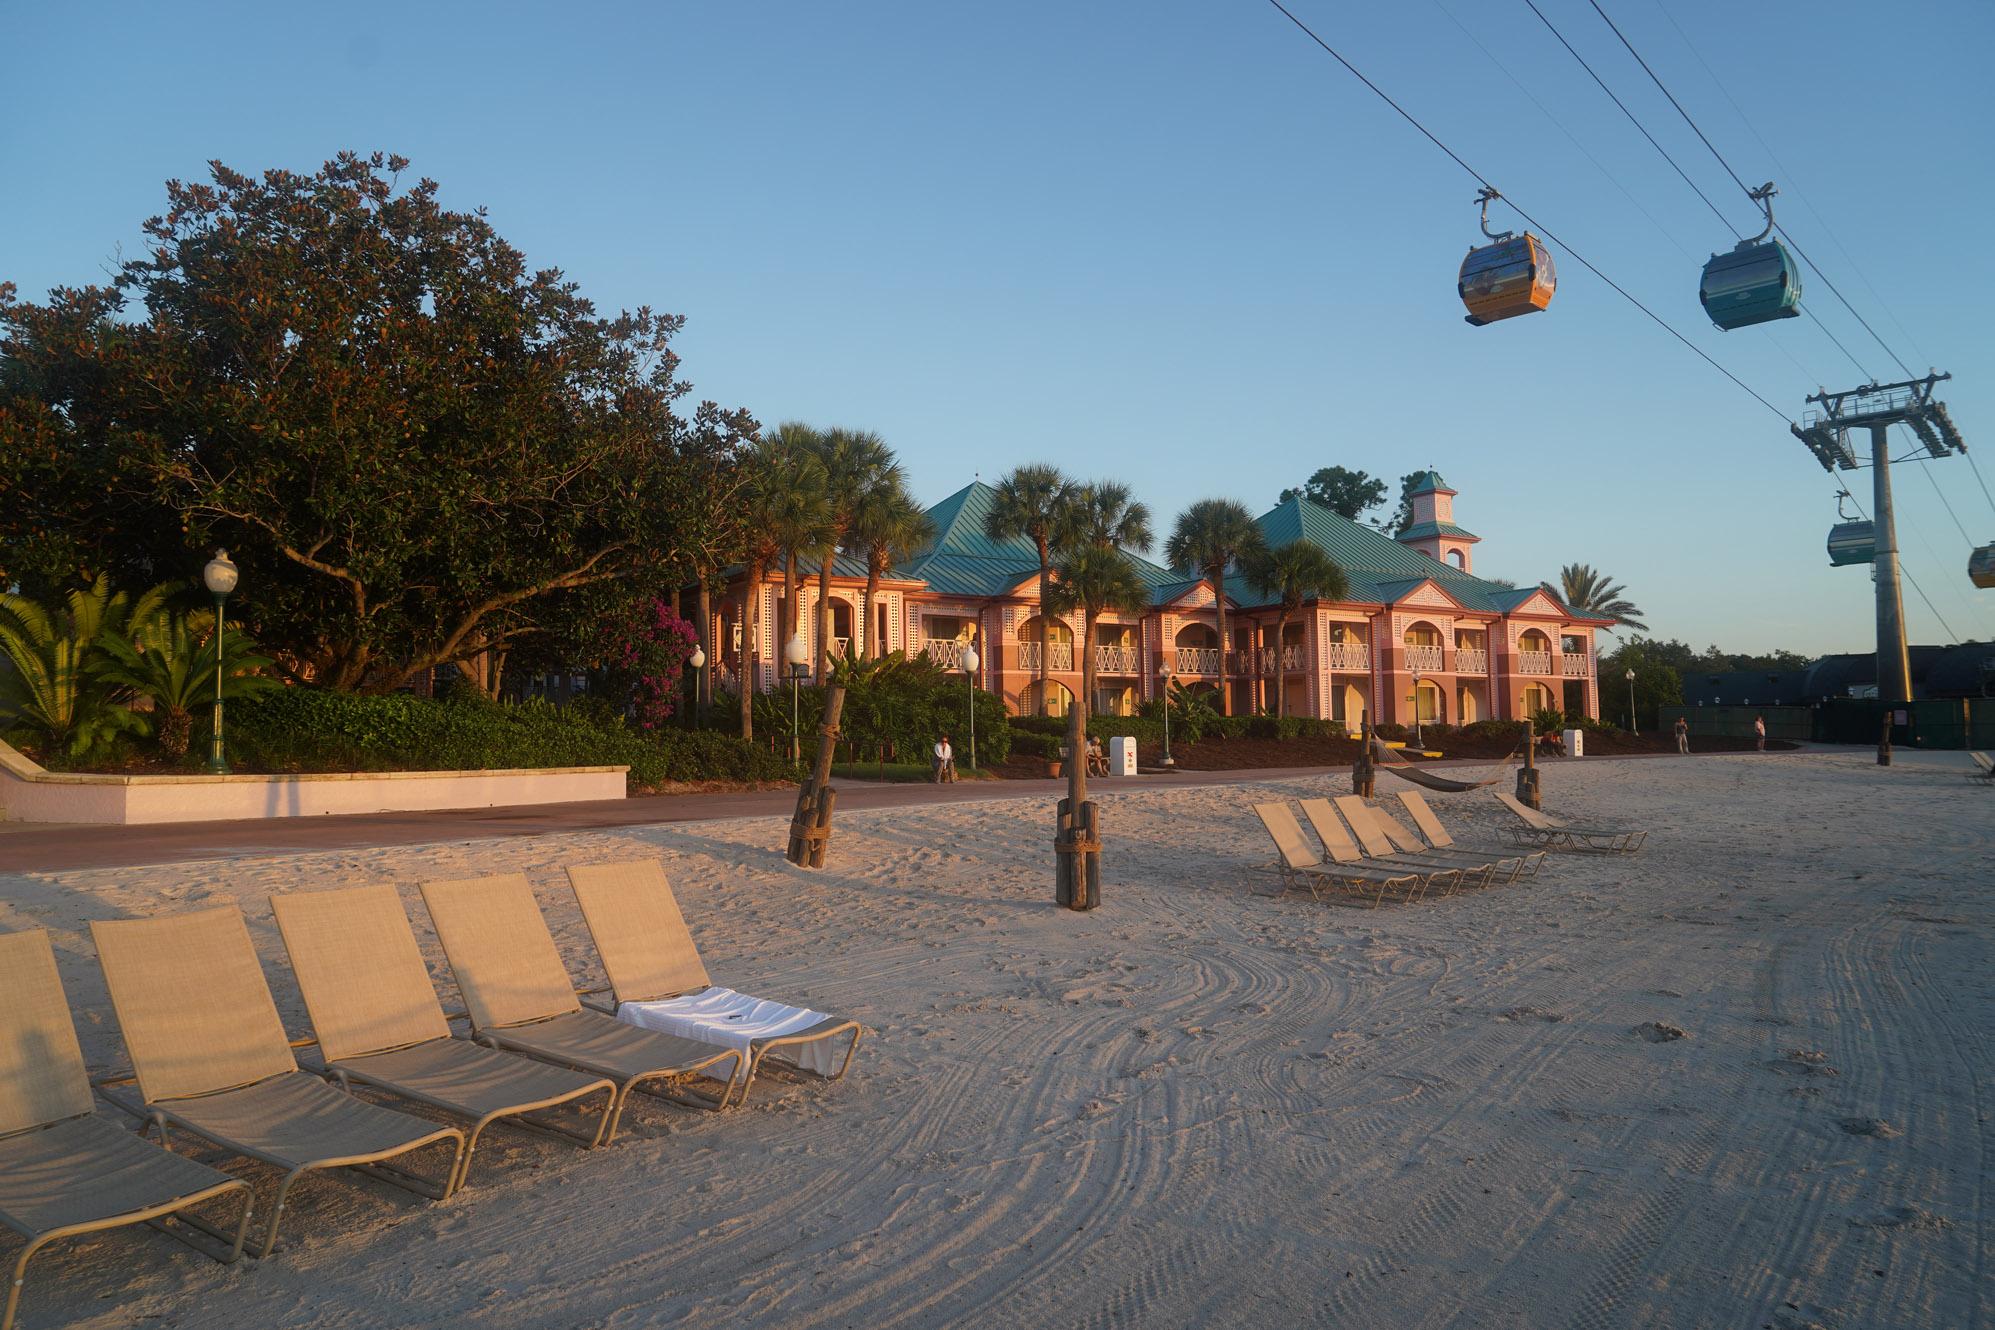 caribbean beach moderate resort